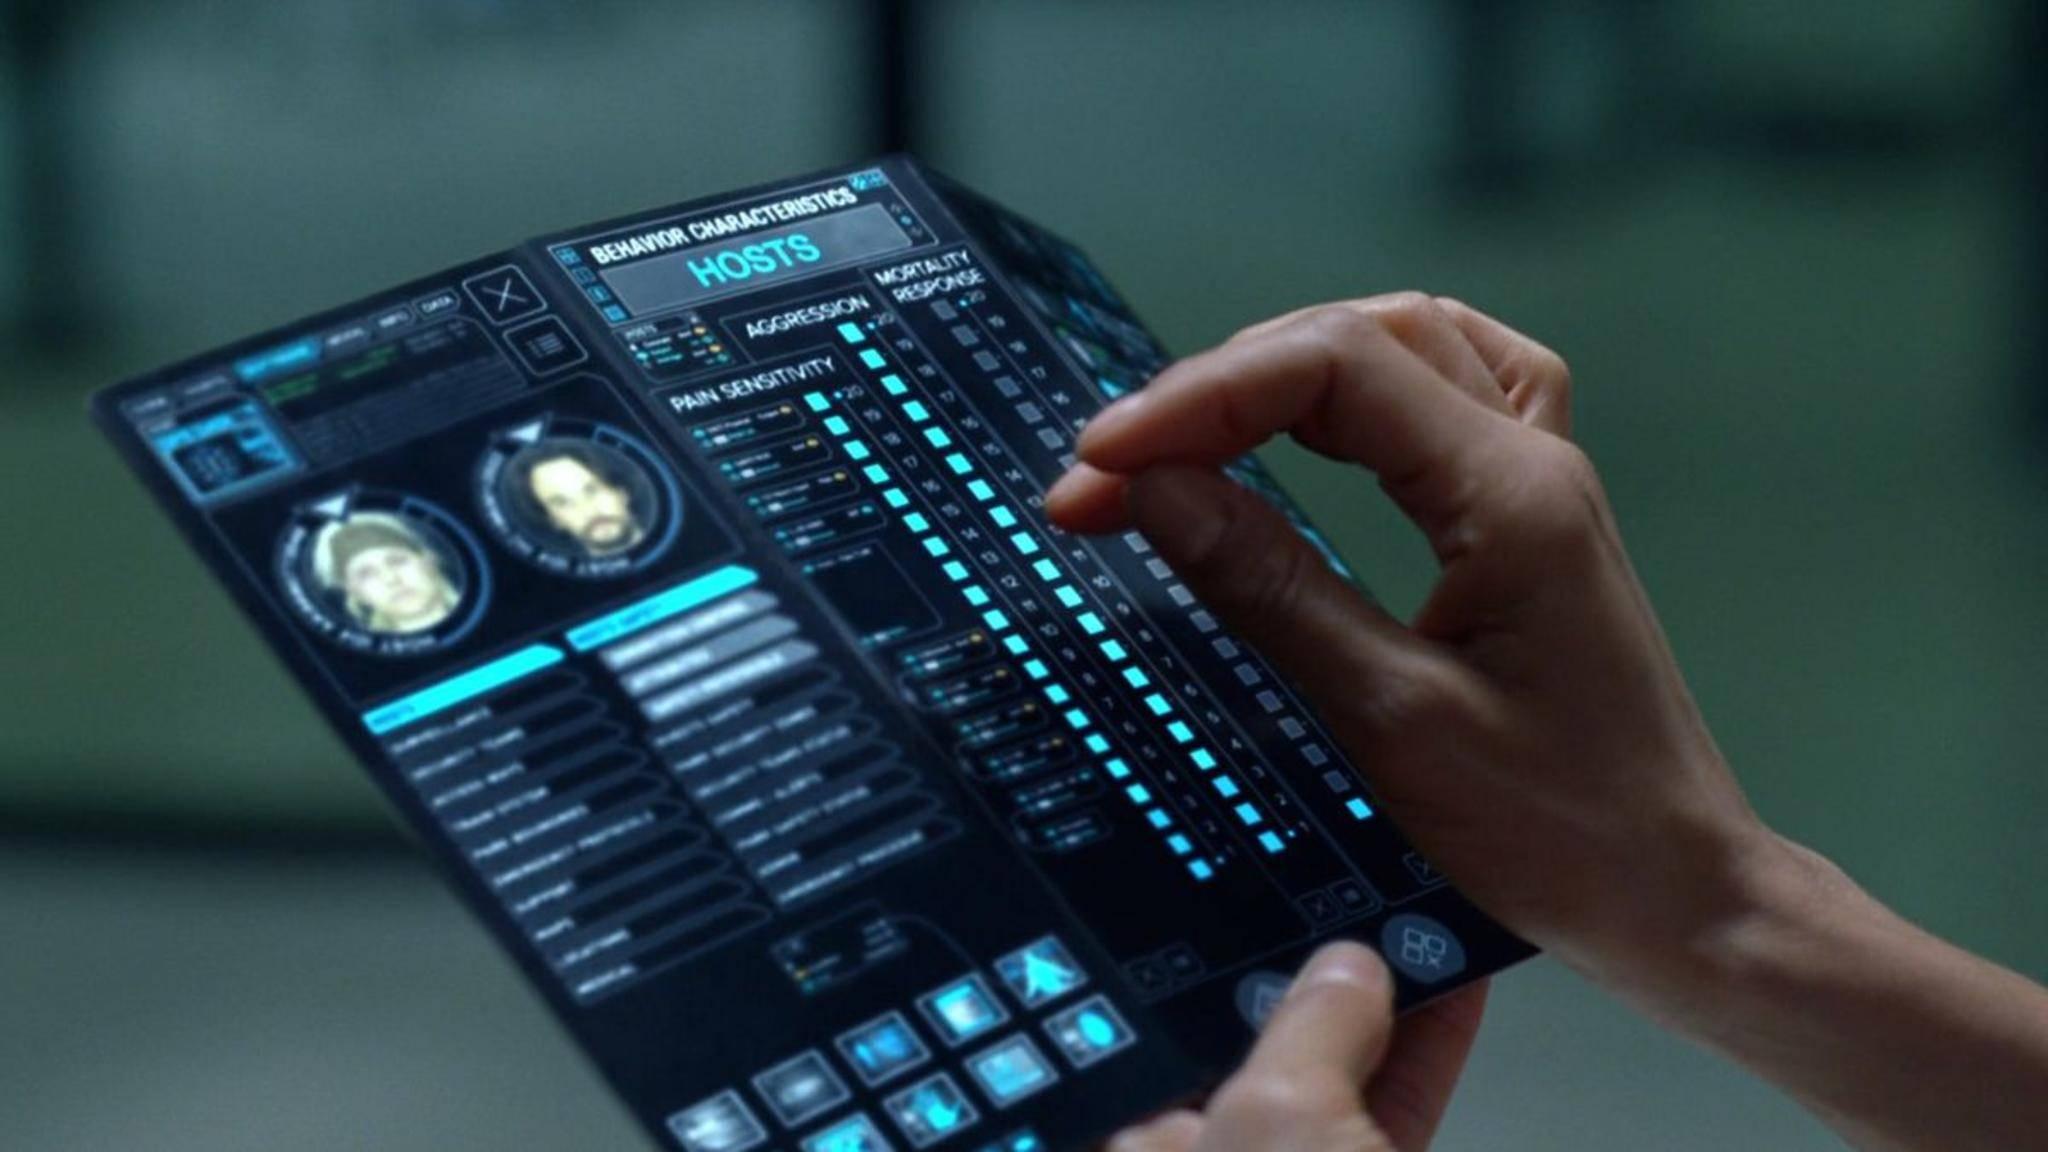 """In der Sci-Fi-Serie """"Westworld"""" sehen Smartphones so aus."""